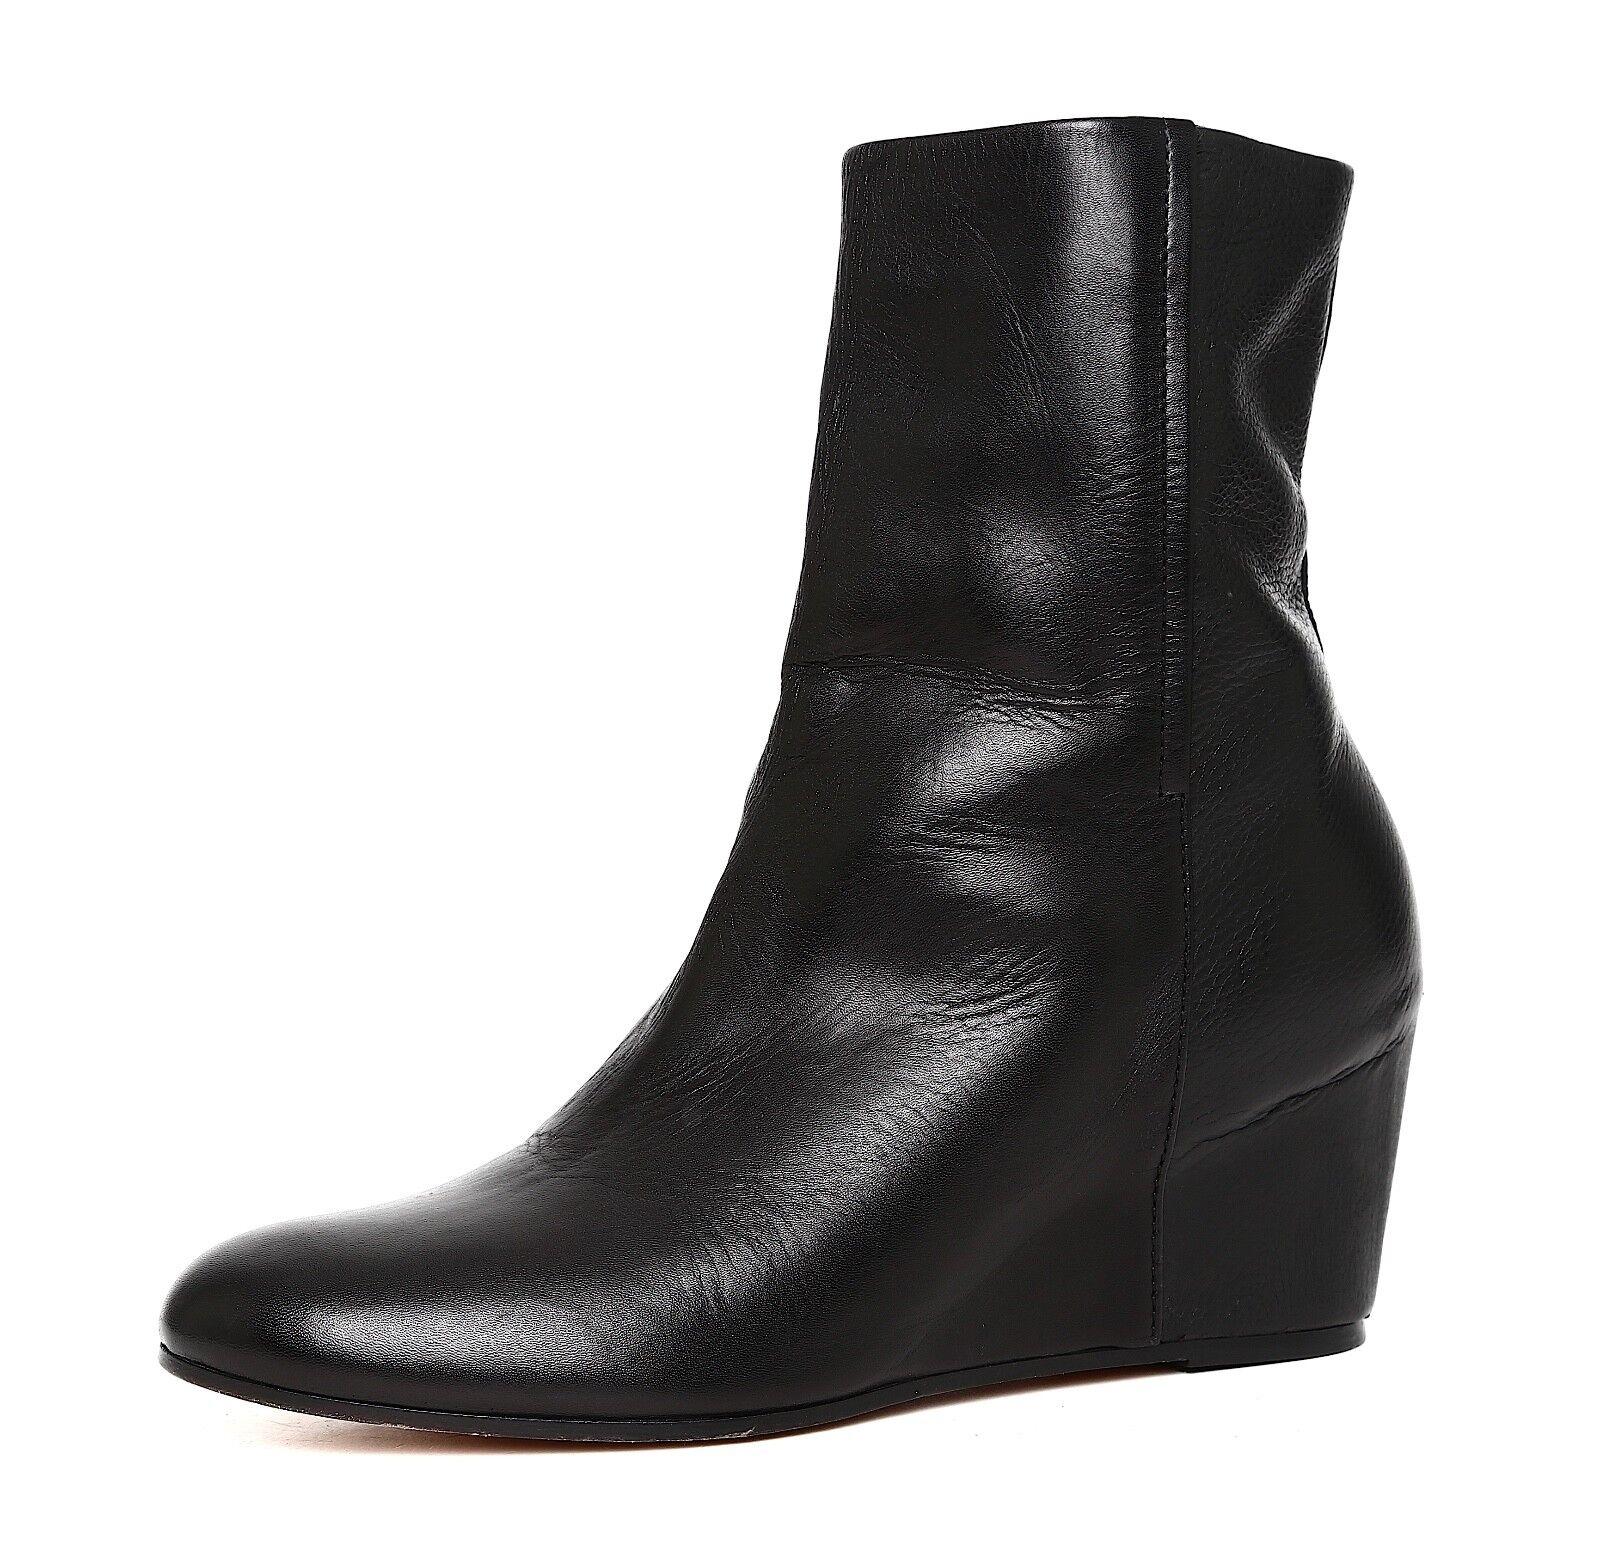 merce di alta qualità e servizio conveniente e onesto Vince Michela Wedge Leather Ankle avvio nero nero nero donna Sz 9.5 M 5098   sconto